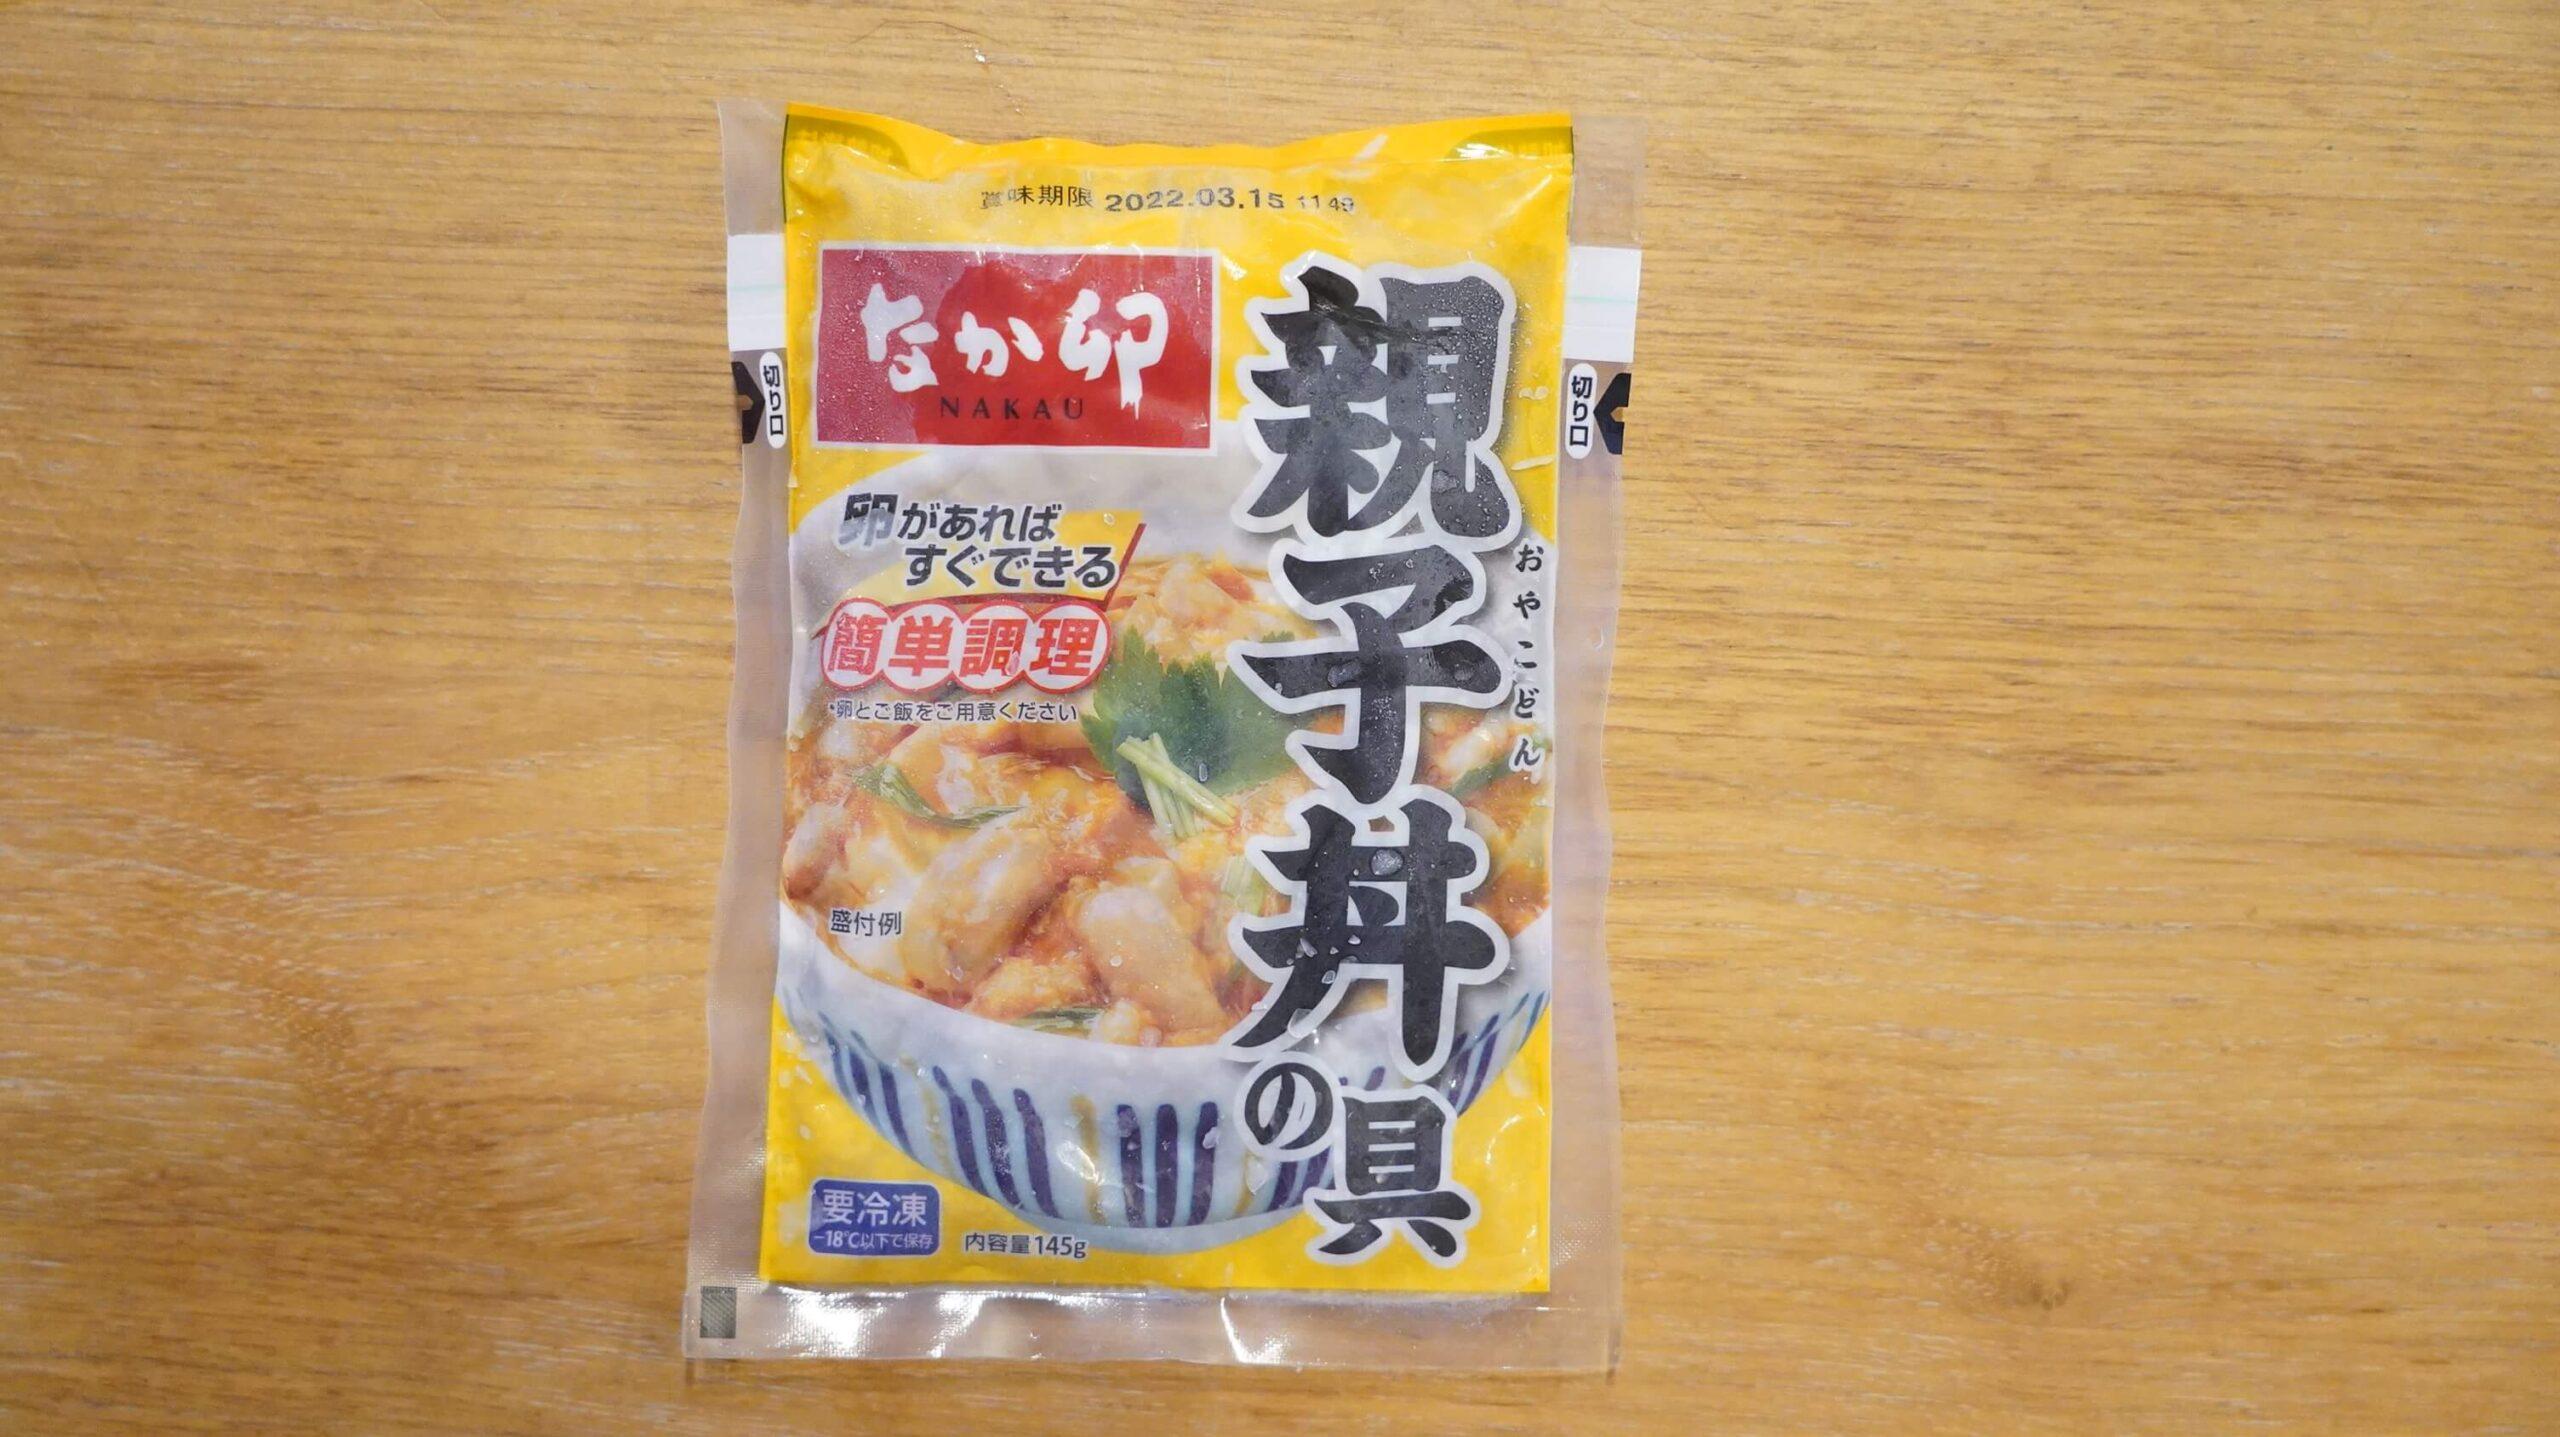 通販でネット注文した「なか卯」の冷凍食品「親子丼の具」のパッケージの写真